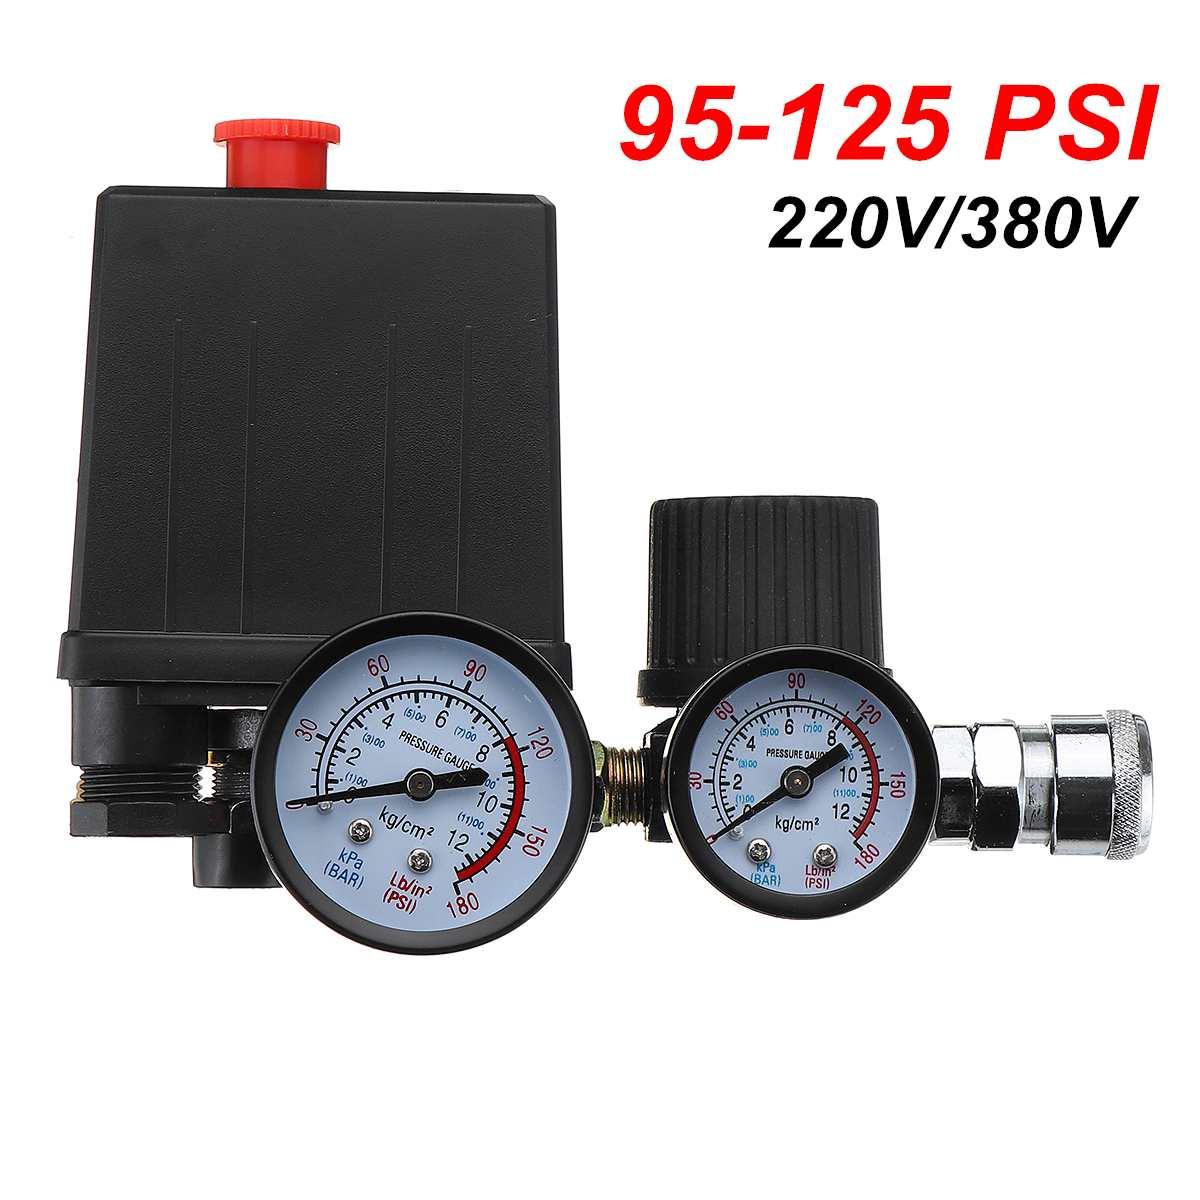 Image 3 - Воздушный компрессор насос переключатель контроля давления 4 порта 220В/380В регулятор сброса коллектора 30 120PSI контрольный клапан с манометромПневматические компоненты    АлиЭкспресс